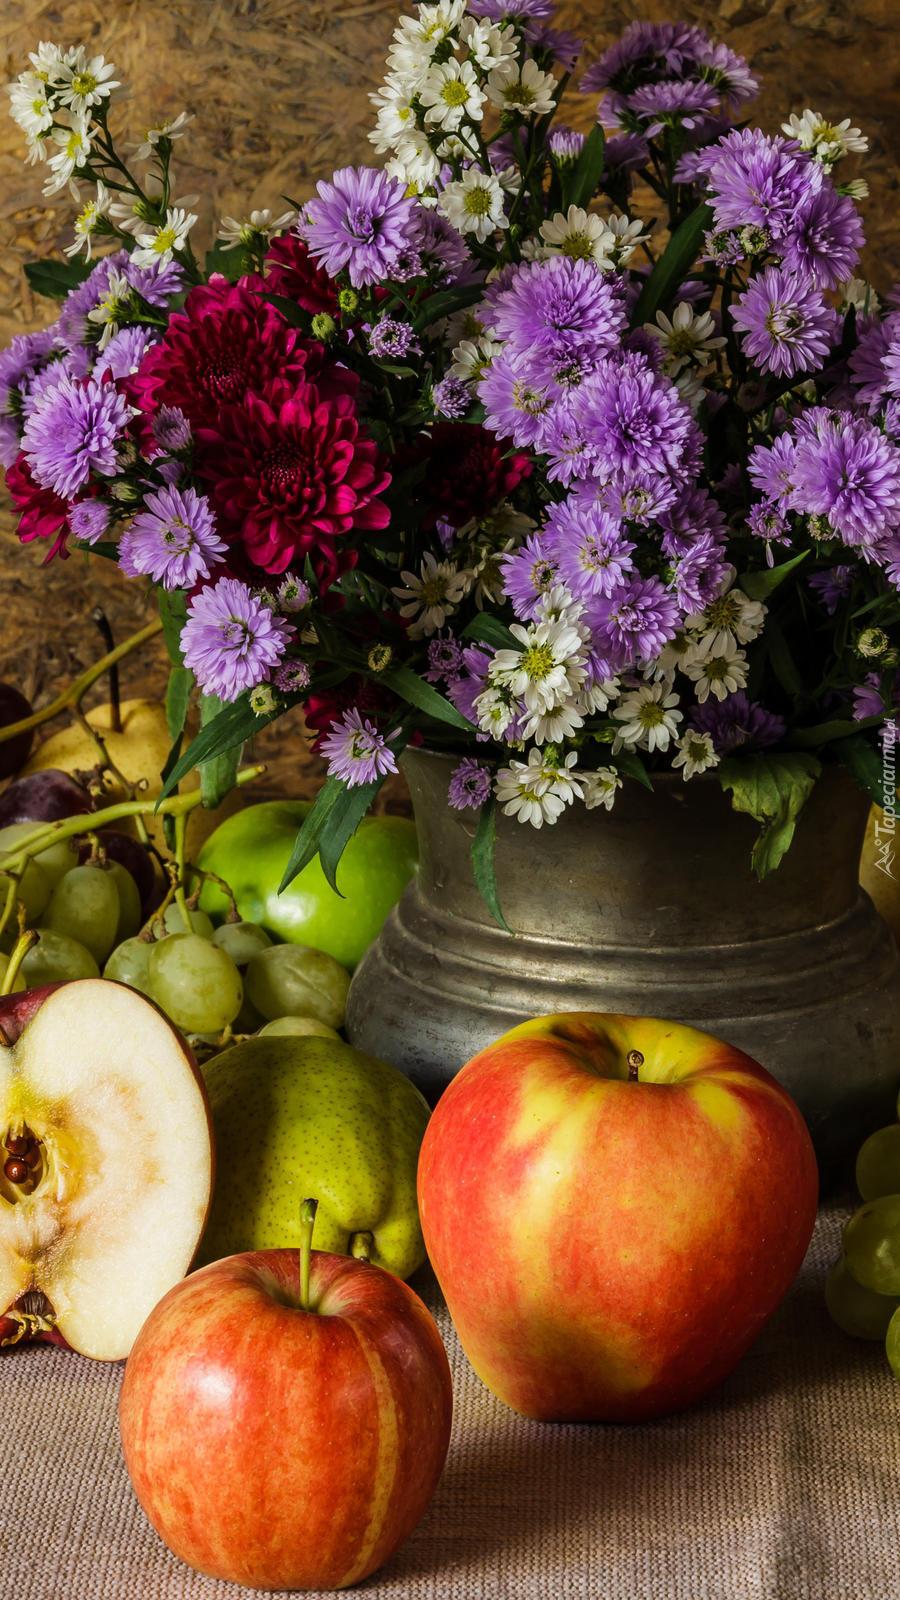 Astry marcinki w dzbanku obok owoców